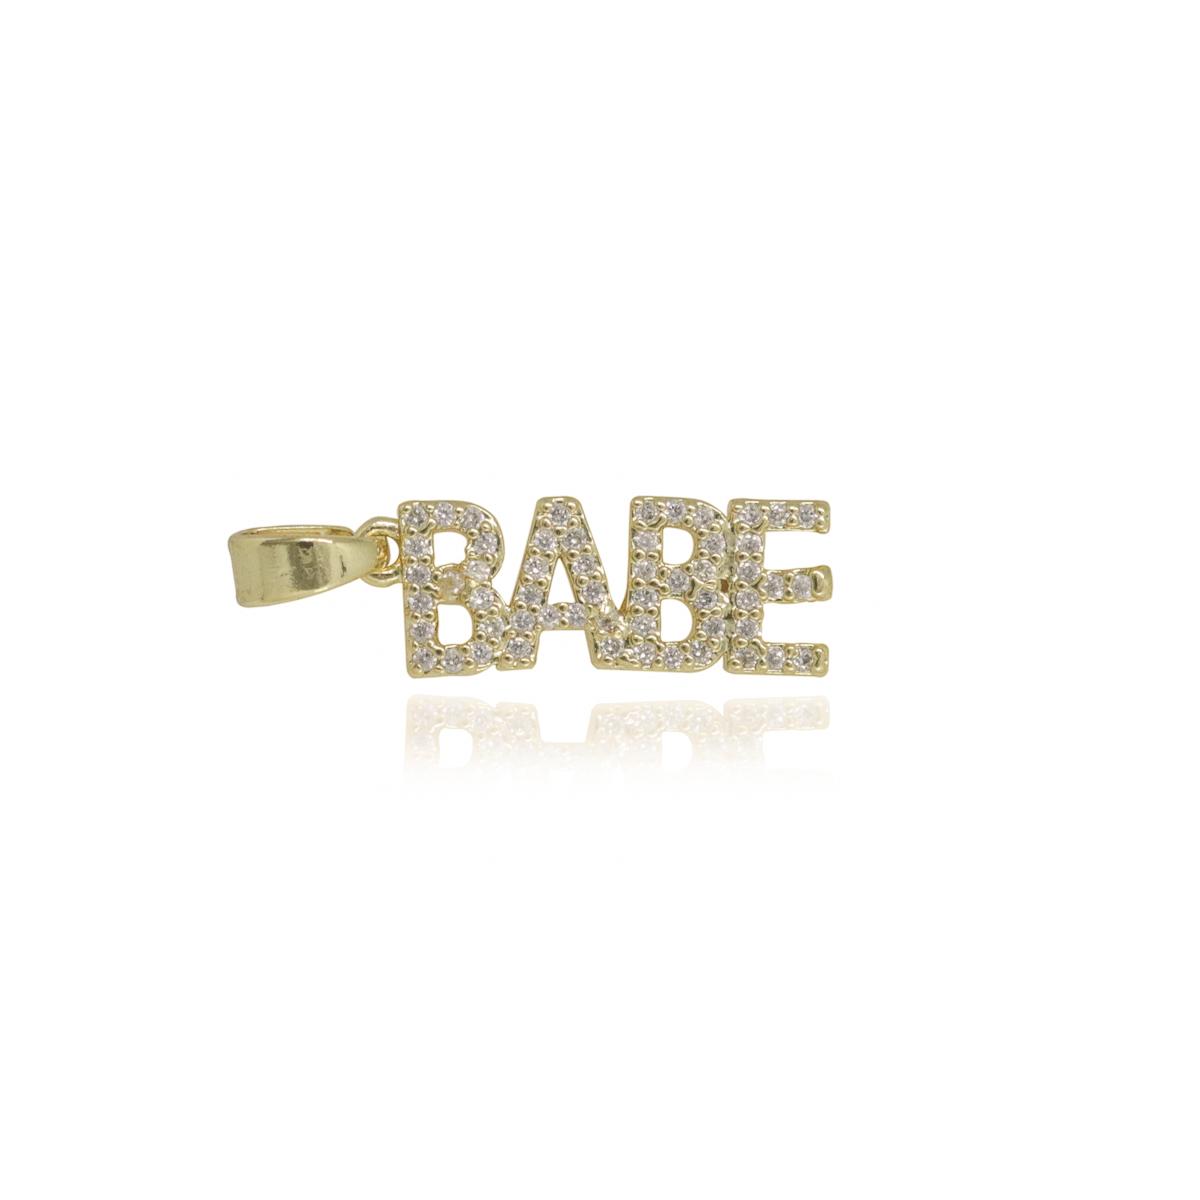 Pingente Babe cravejado em zircônia folheado a ouro ou ródio